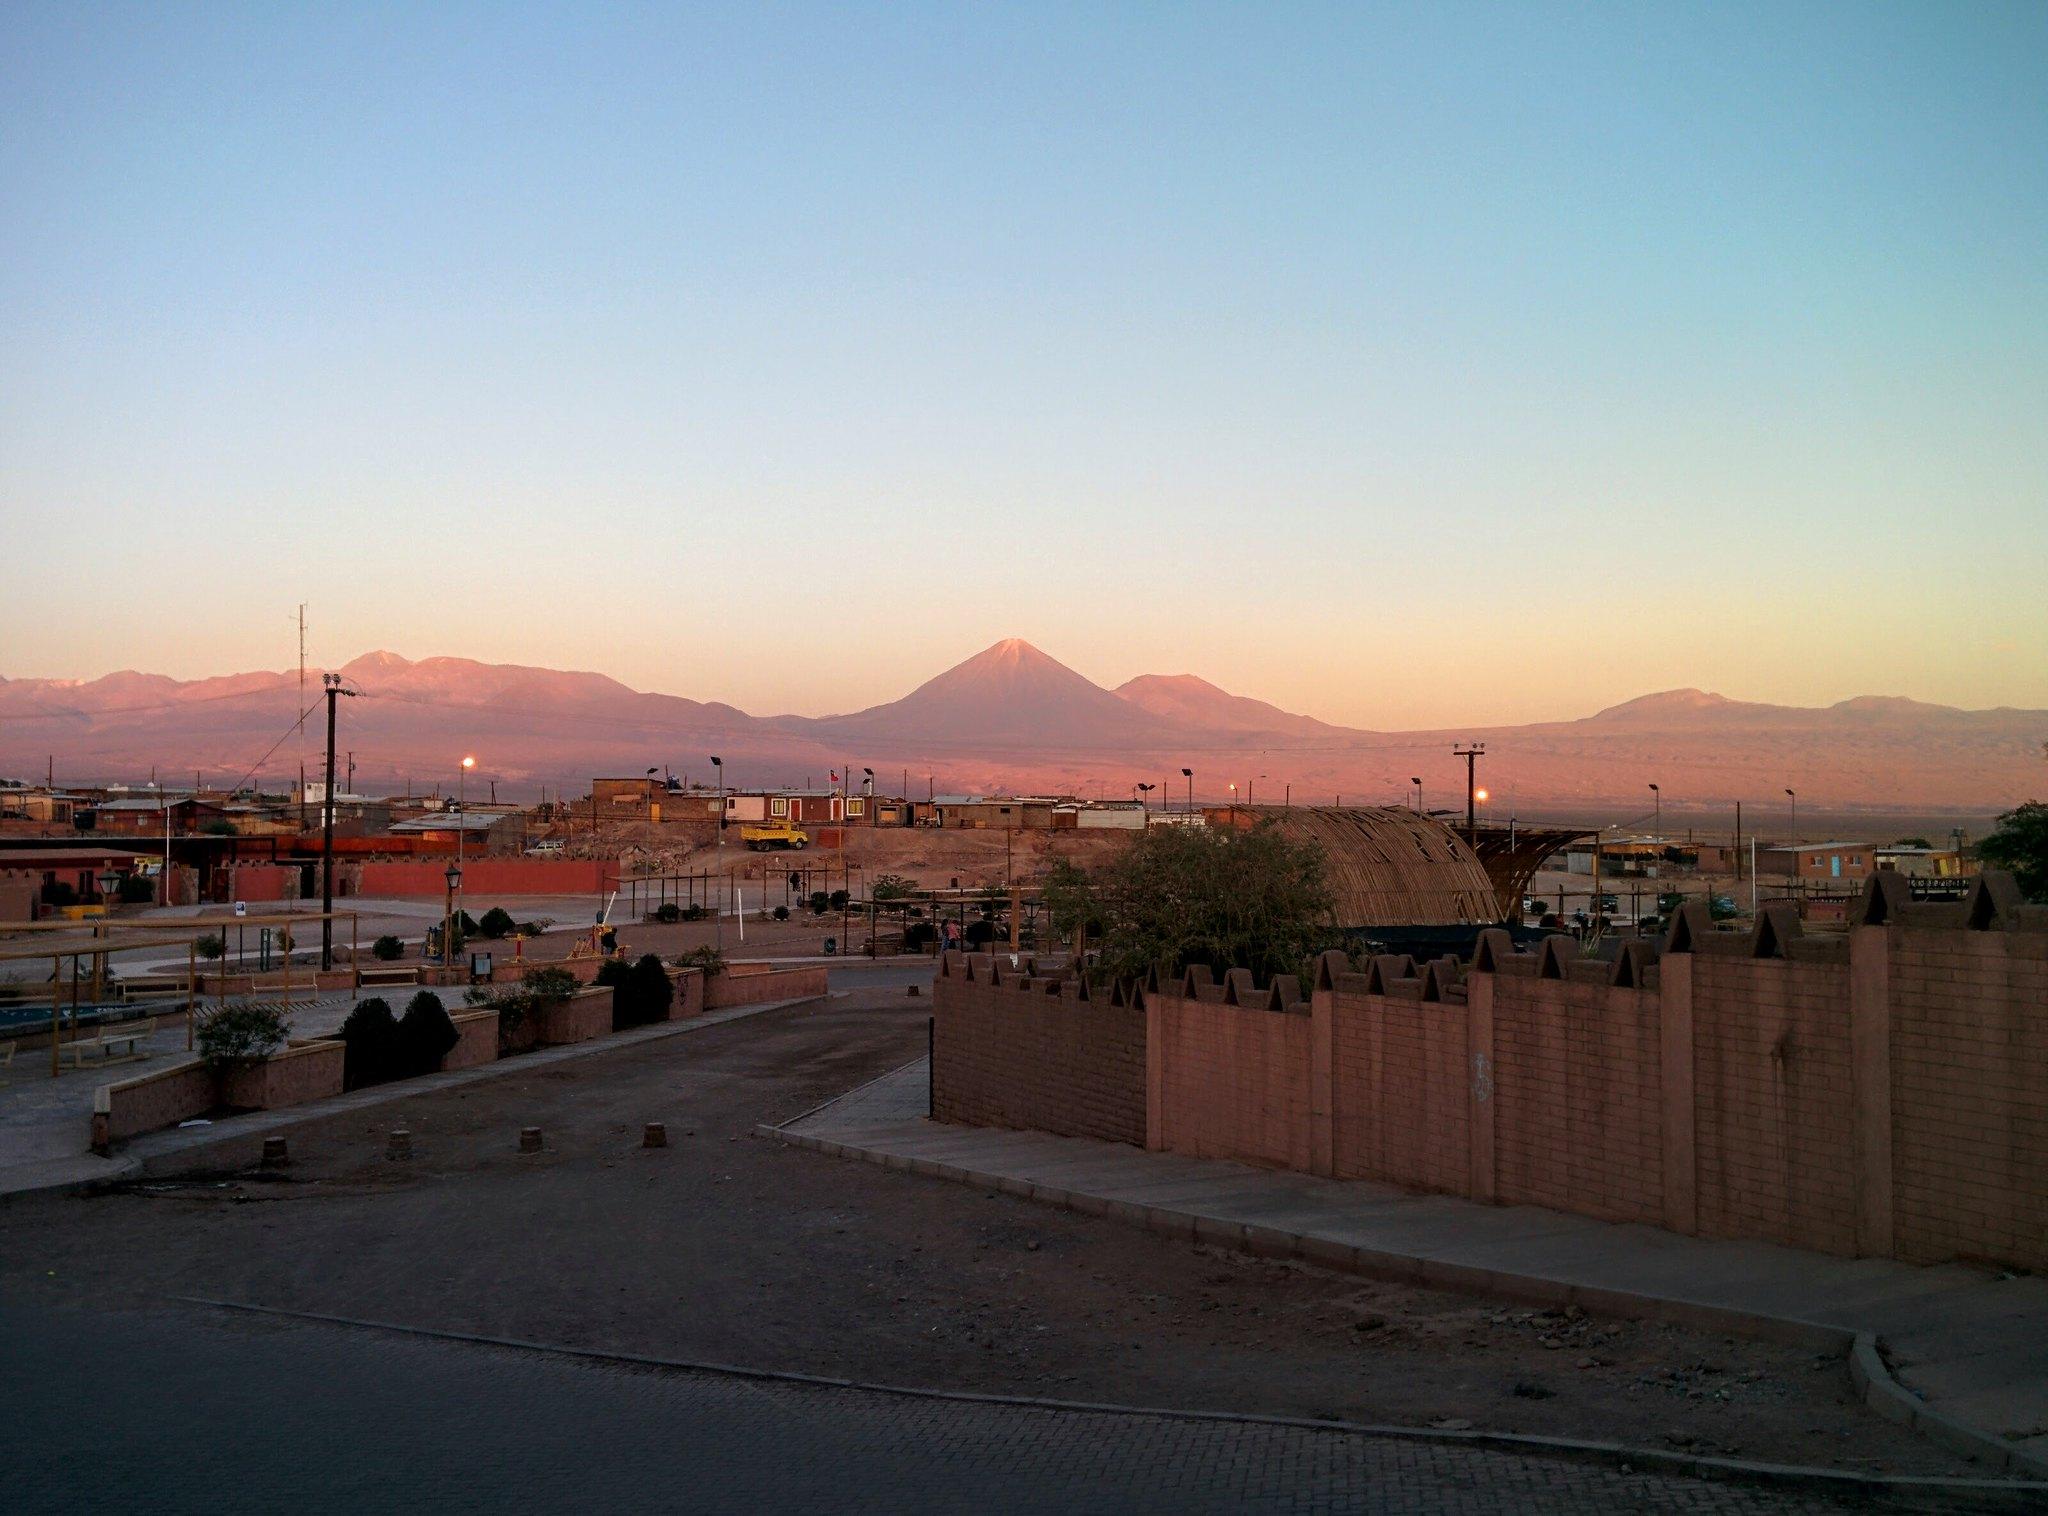 The mountain range behind San Pedro at sunset